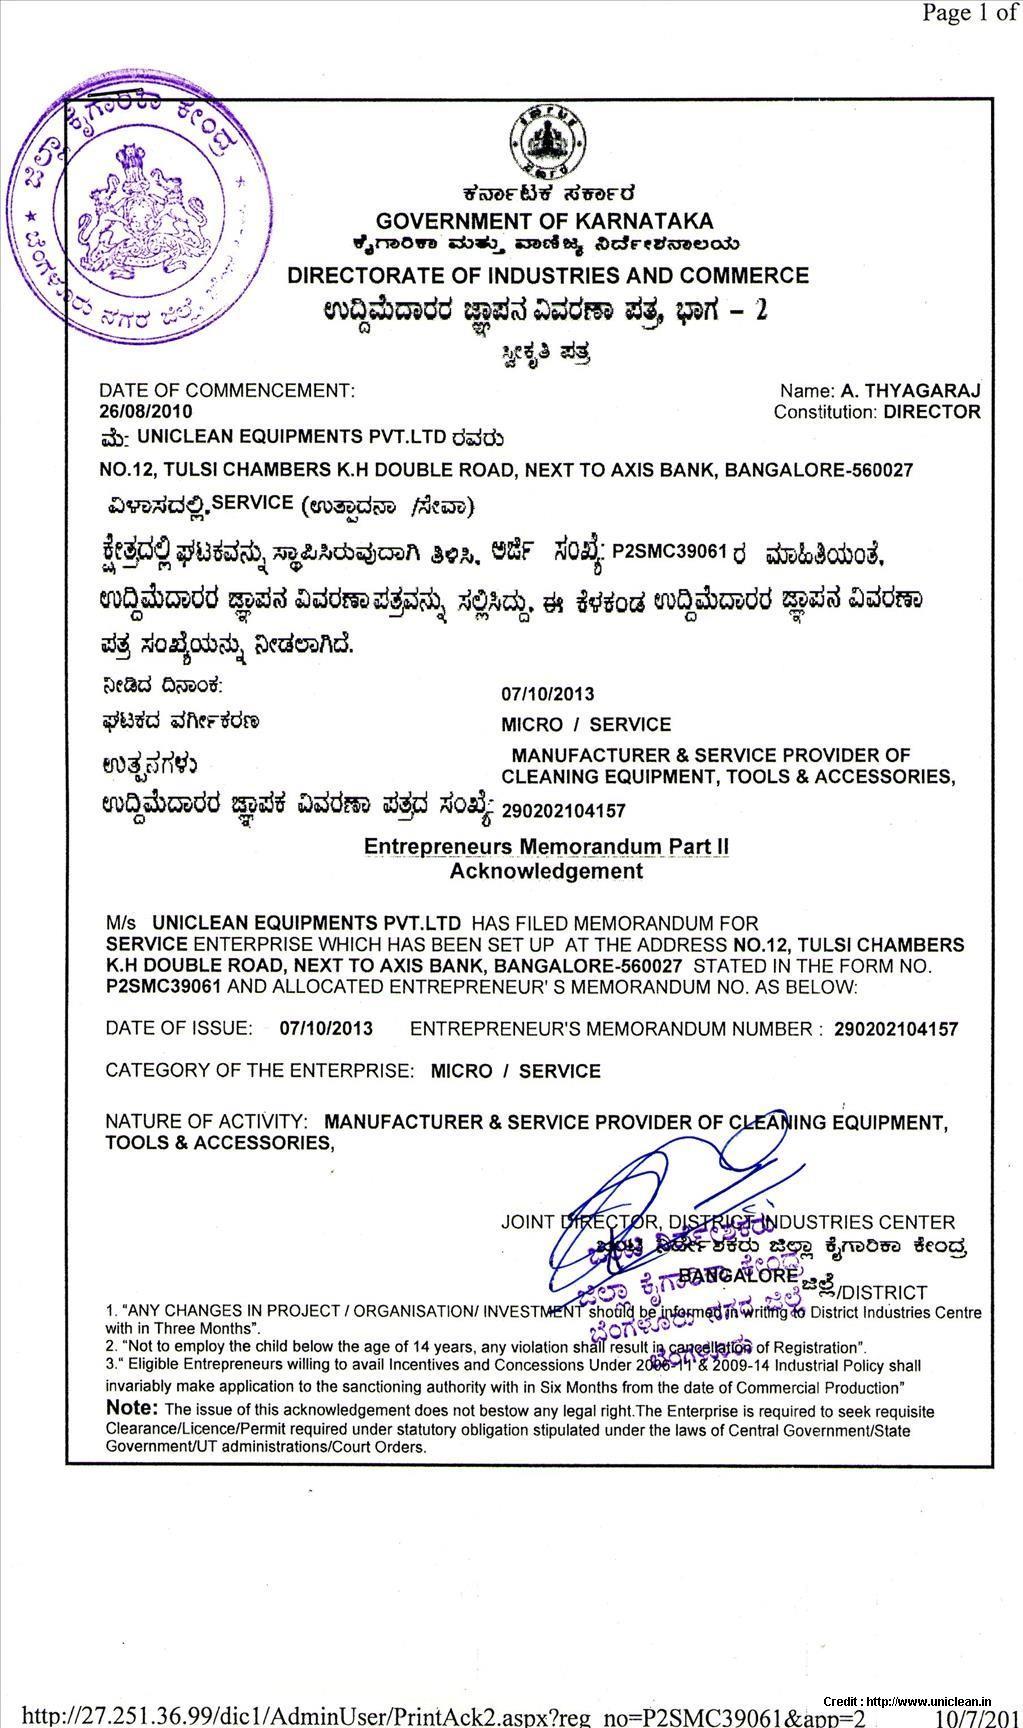 Online Ssi Registration Form Maharashtra